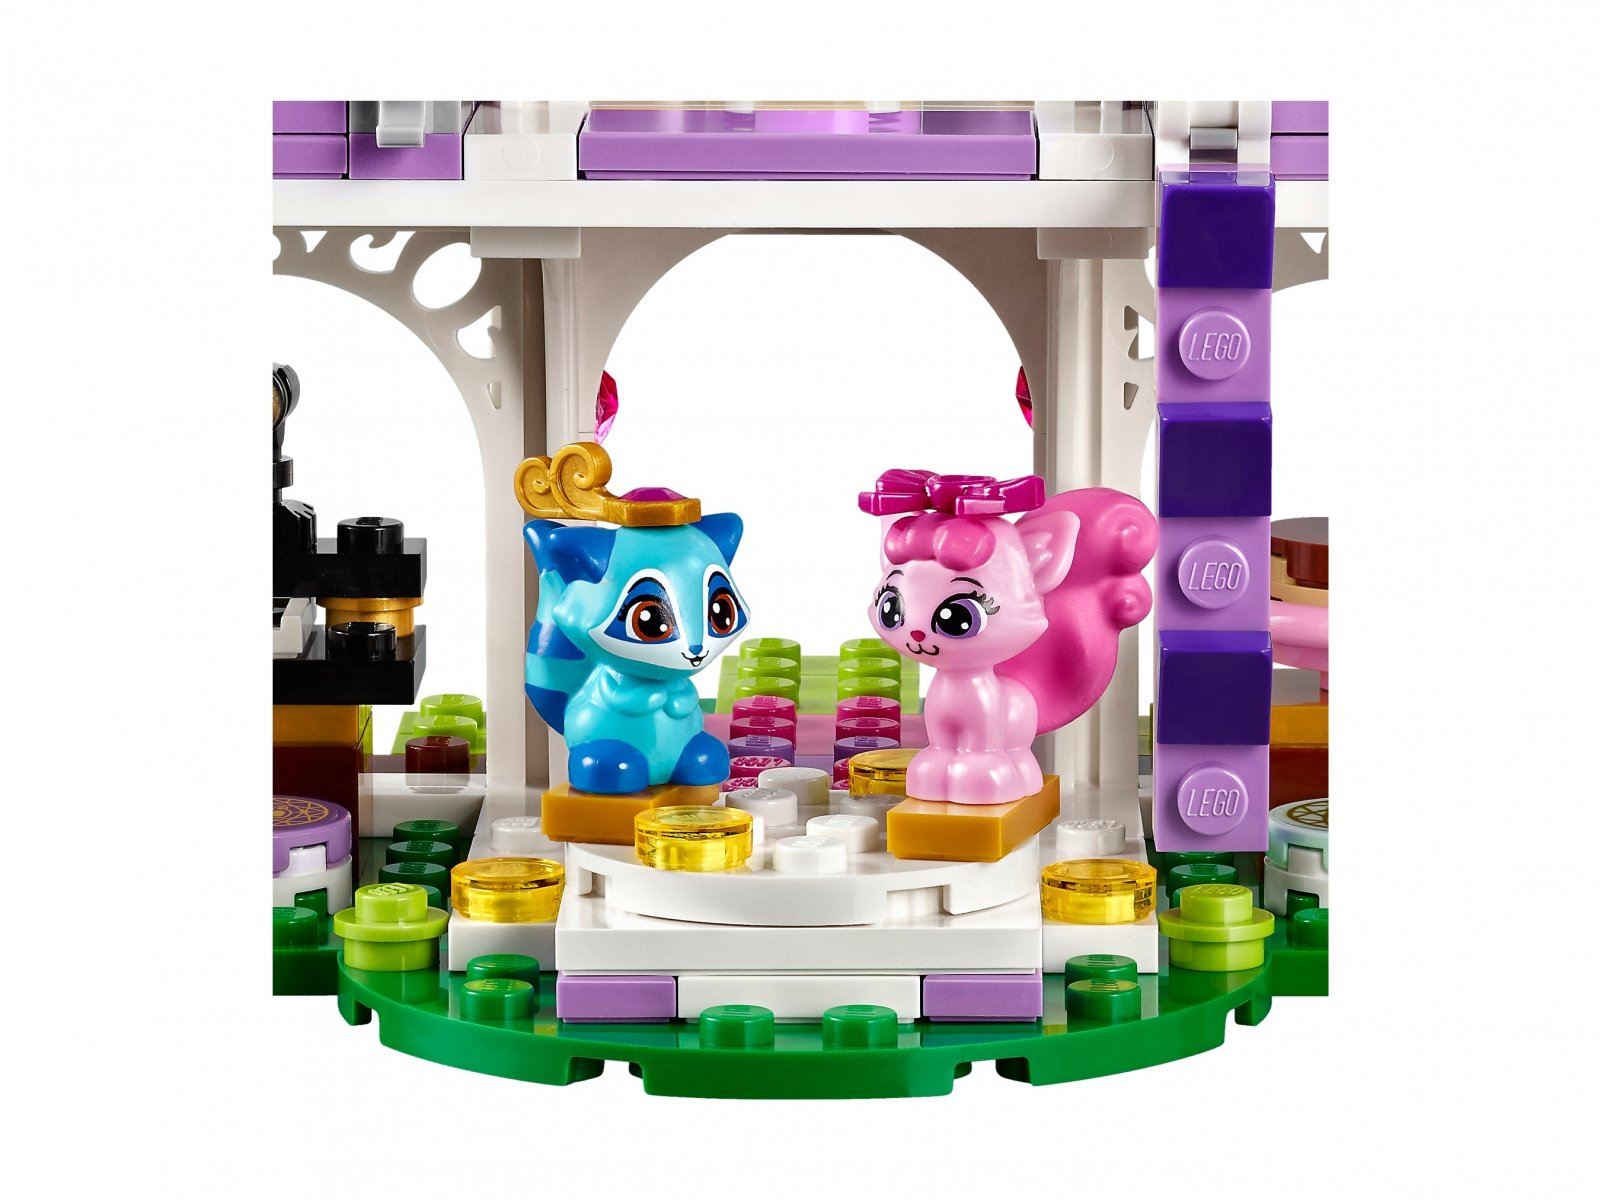 Zamek ZwierzątekZklocków Disney Królewski pl Lego 41142 jL354ARq